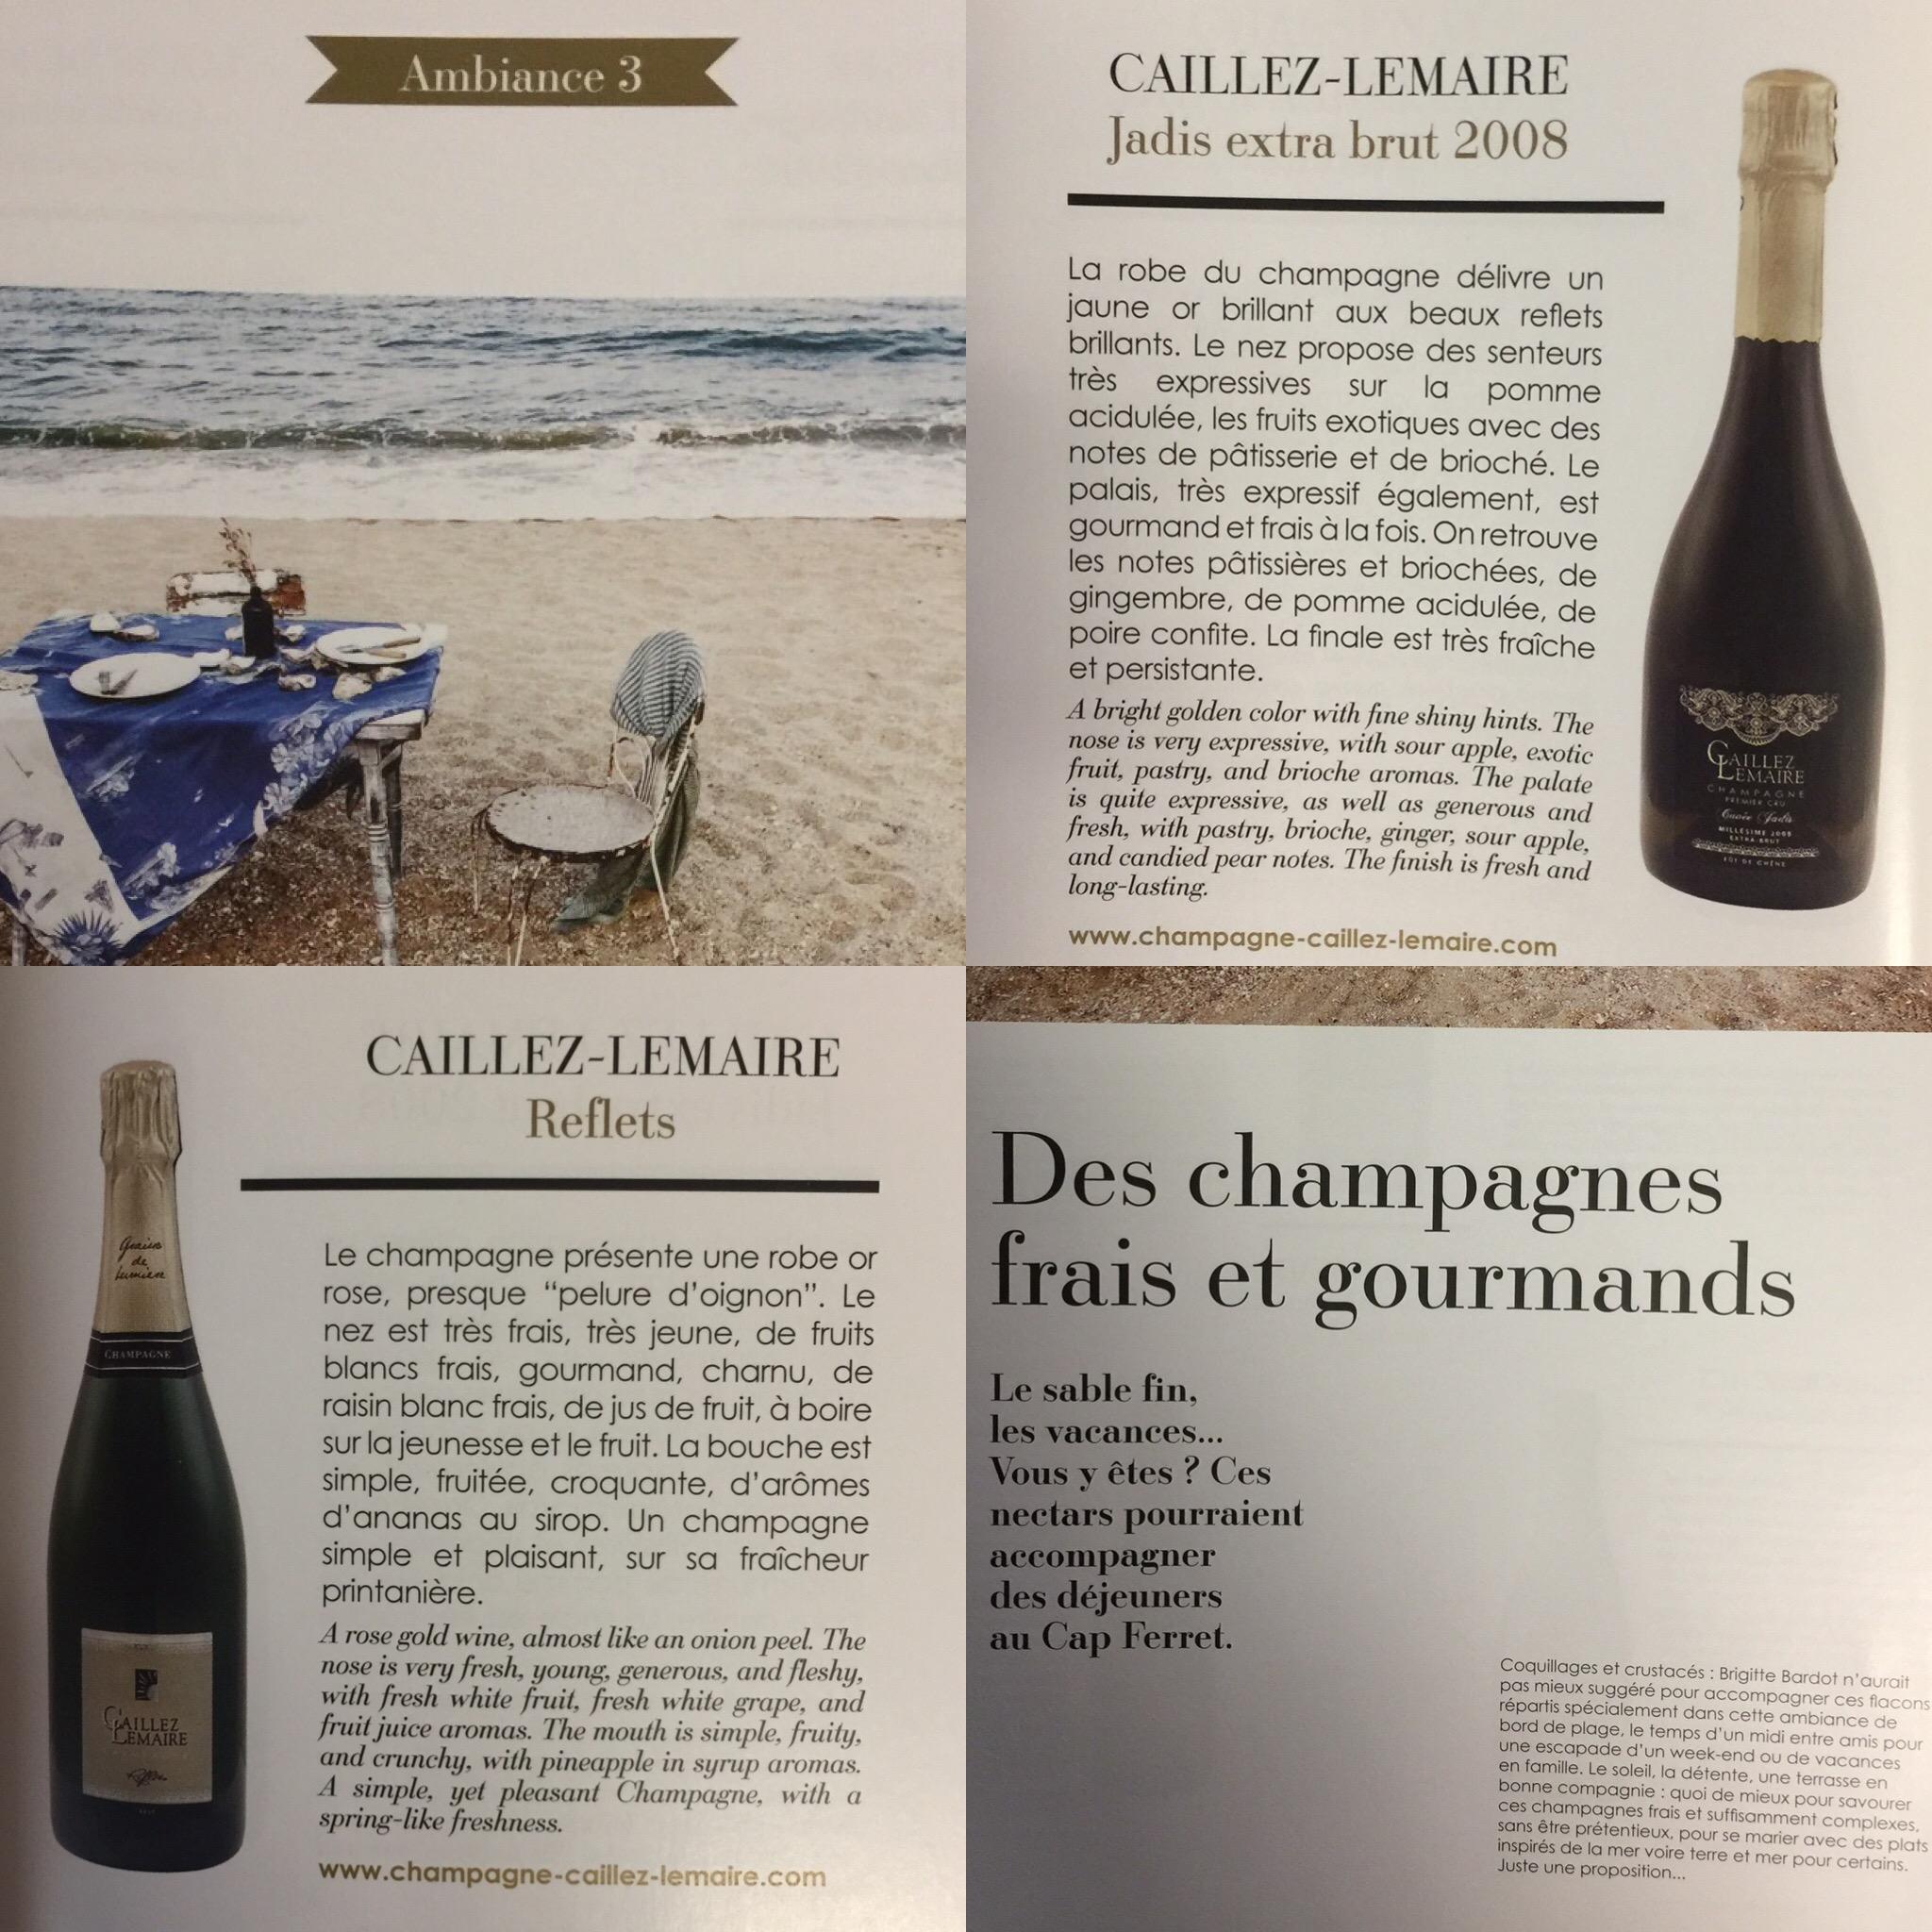 Champagnes frais et gourmands, Reflets brut, Jadis 2008